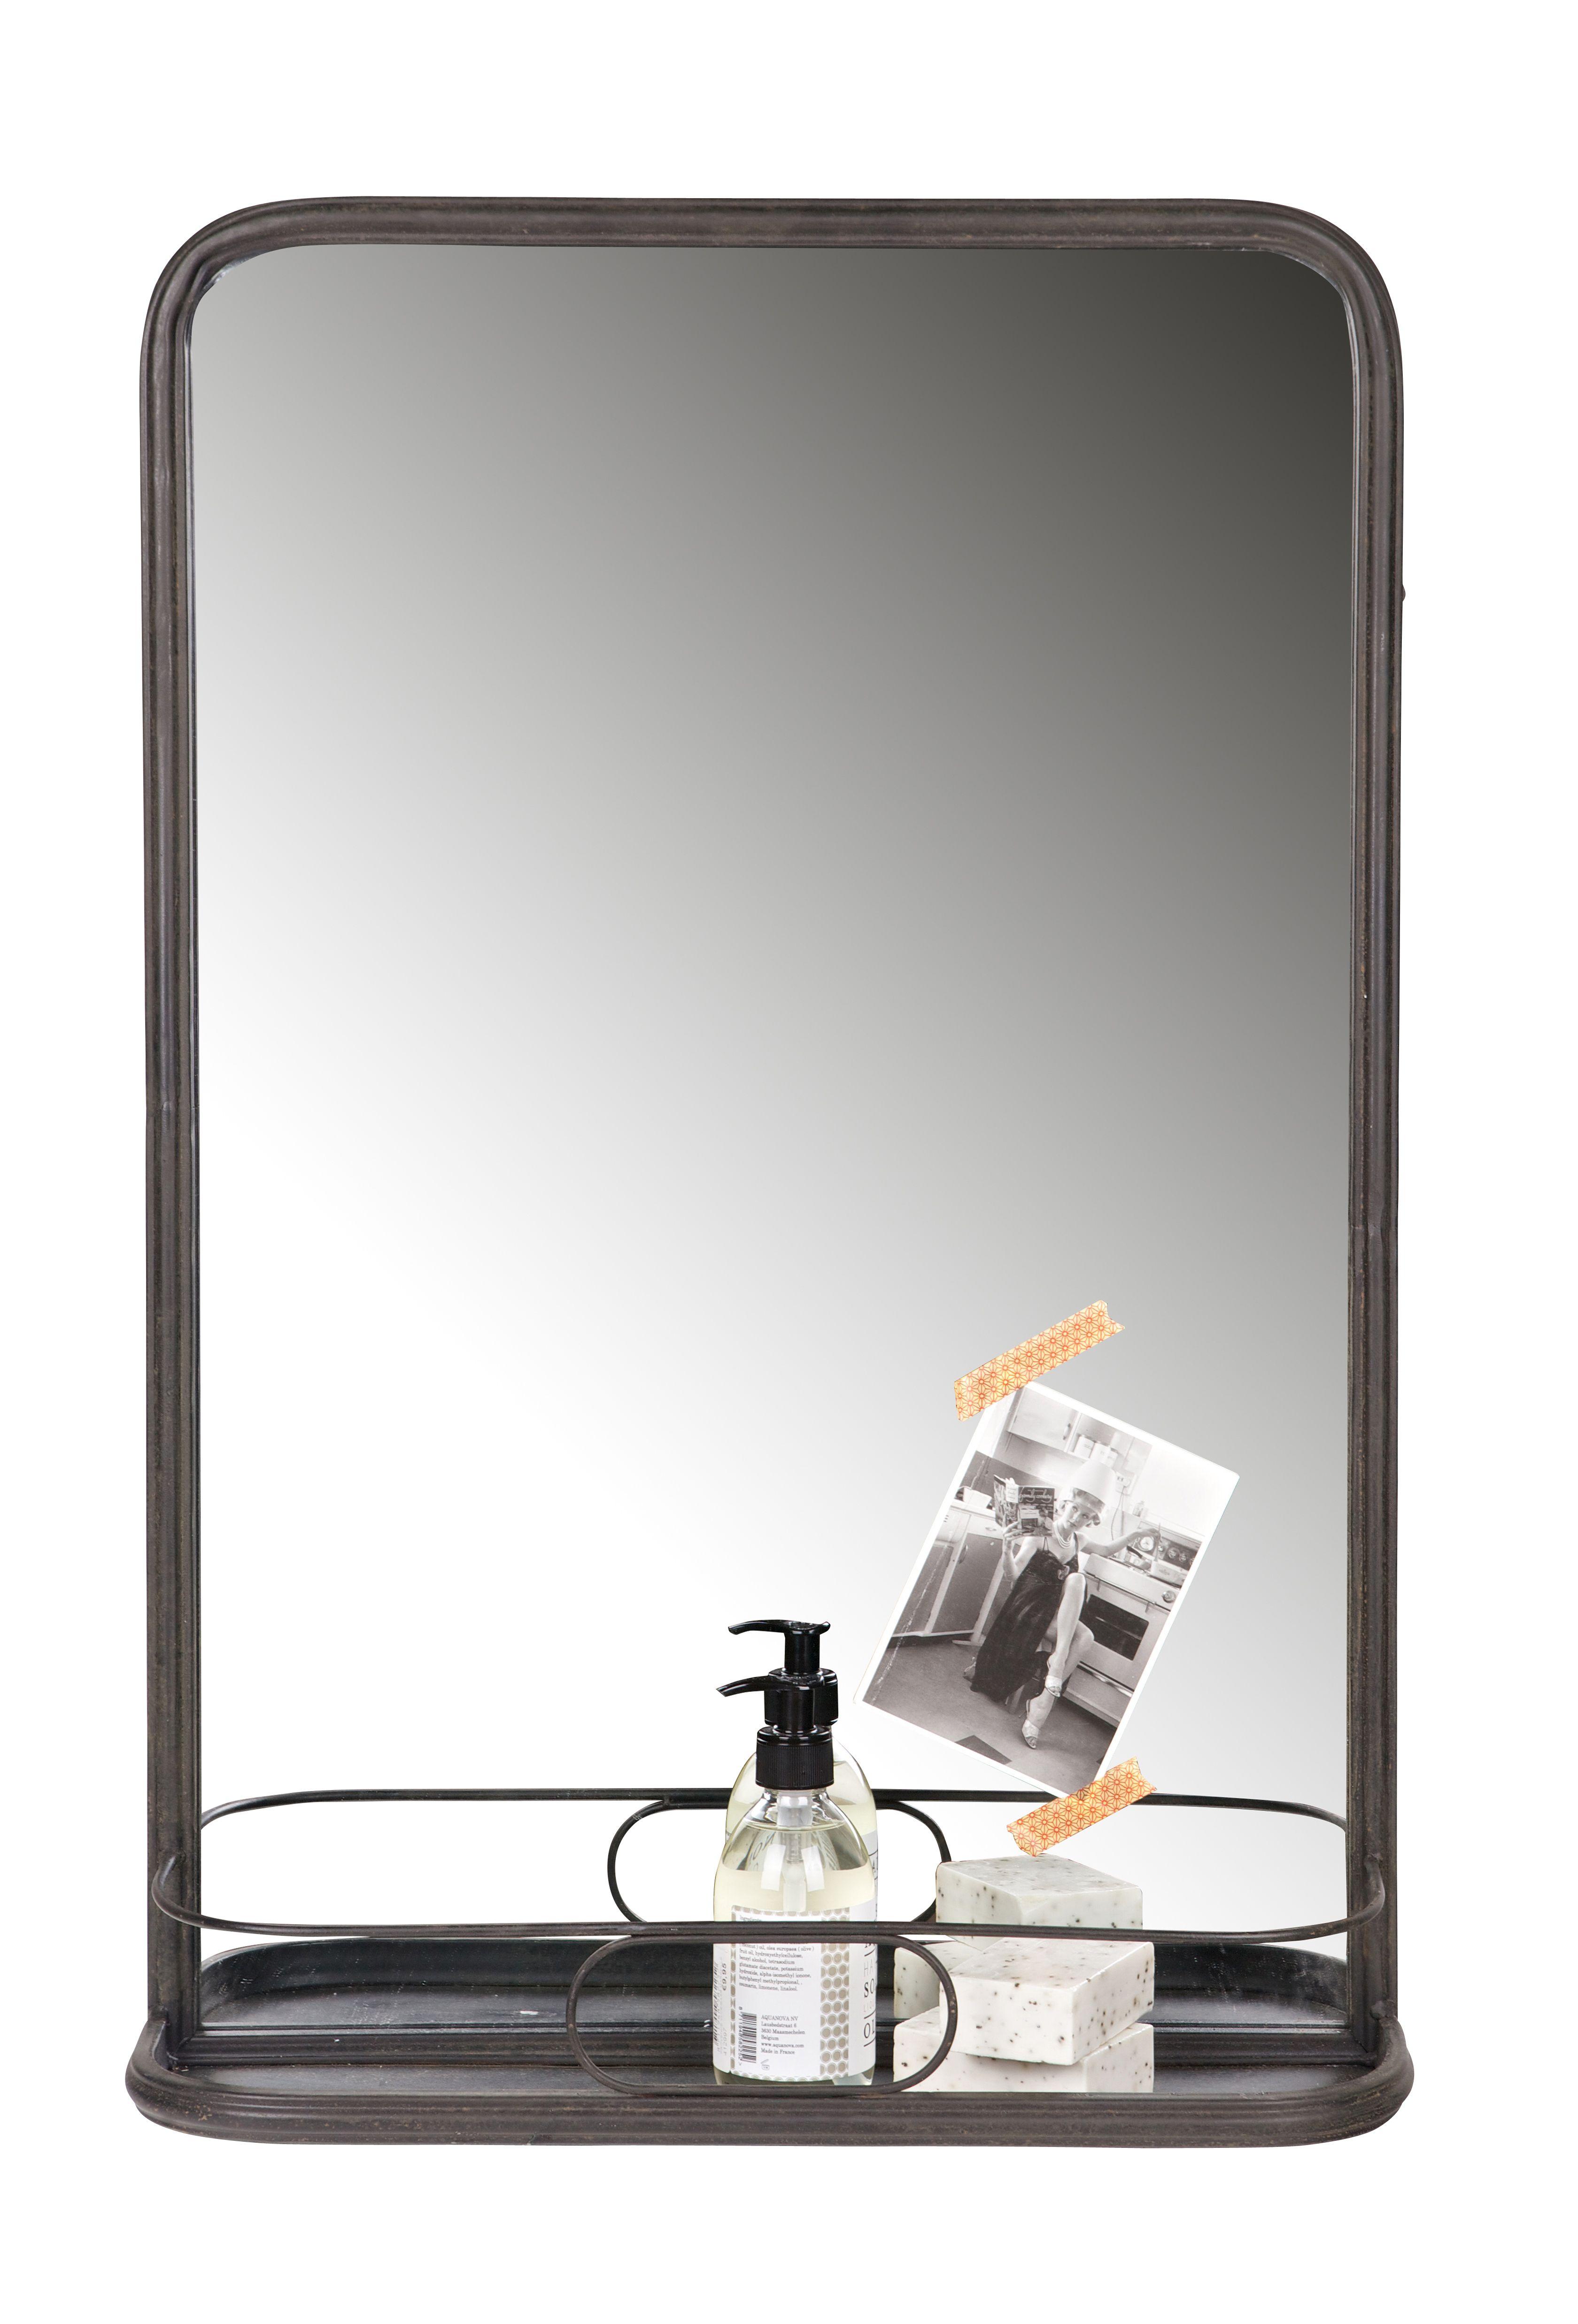 planchet mirror bepurehome spiegel mit ablage spiegel met